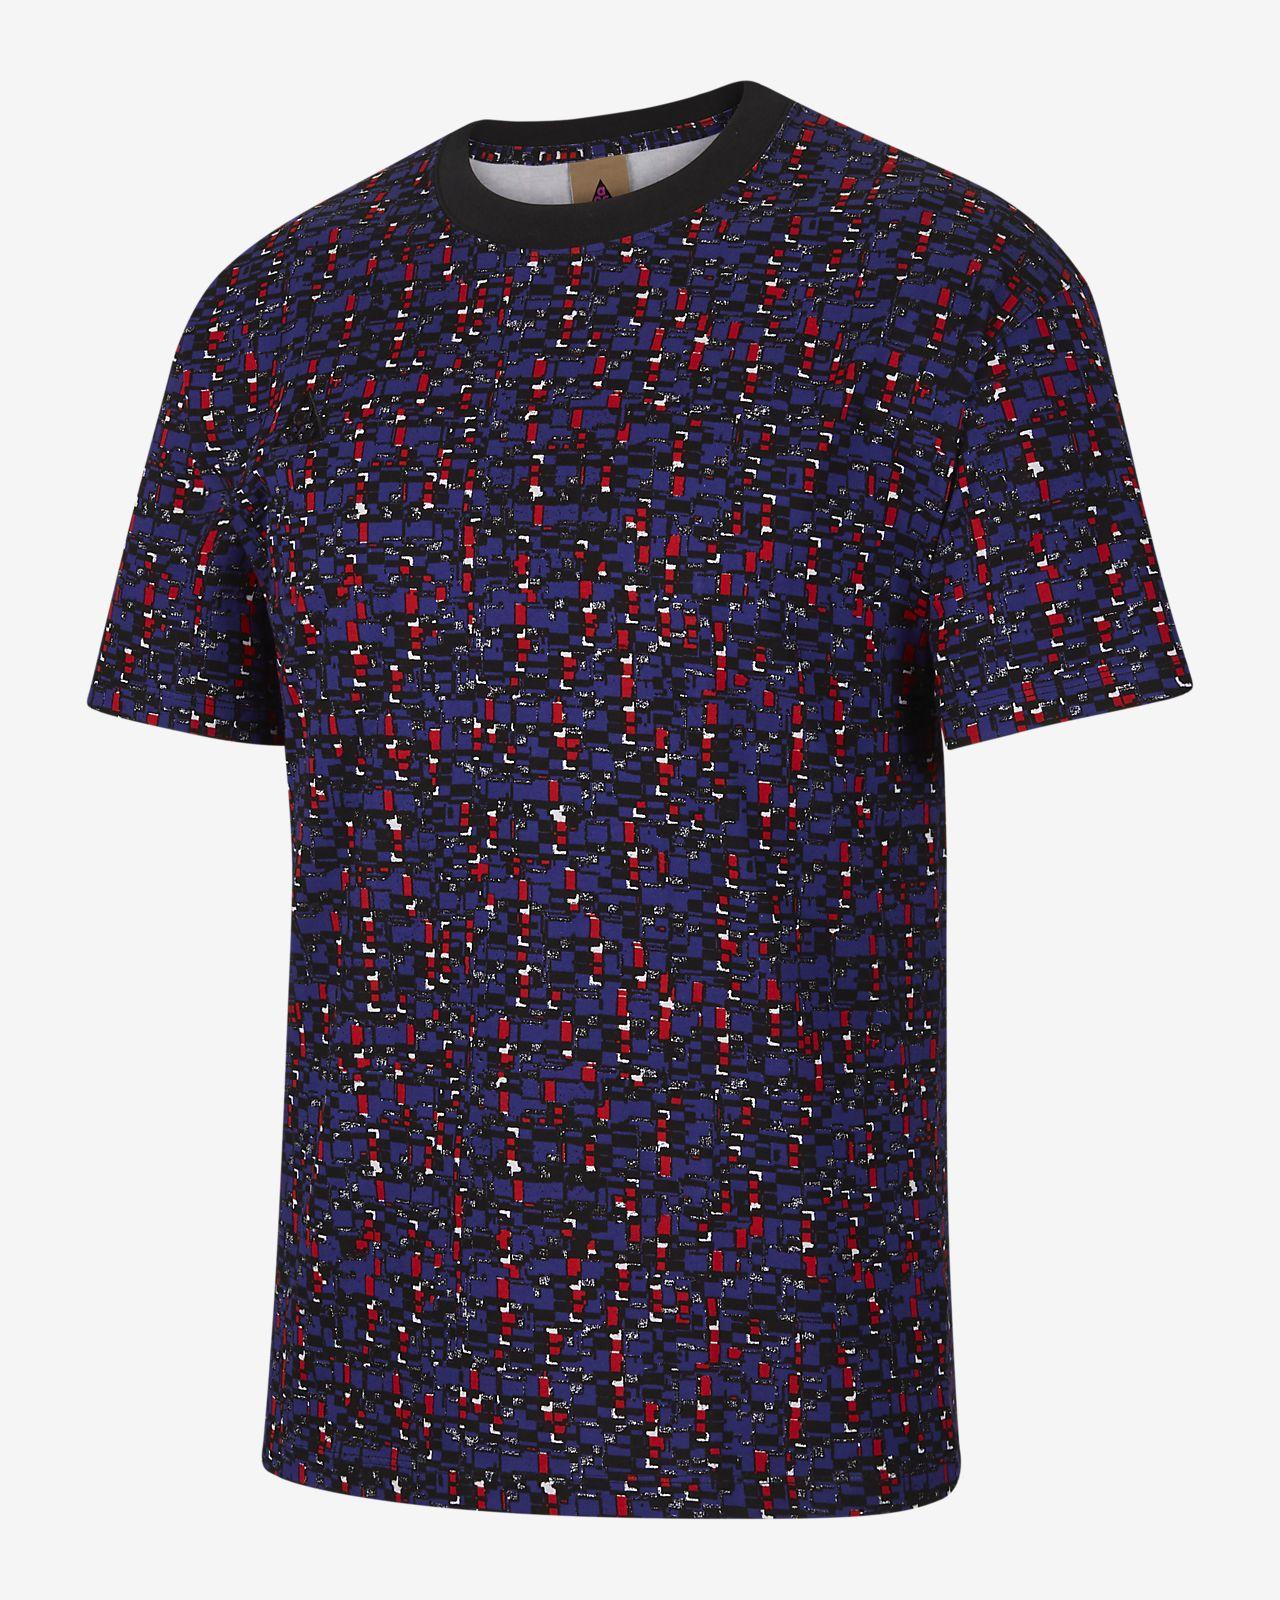 ナイキ ACG メンズ プリンテッド ショートスリーブ Tシャツ